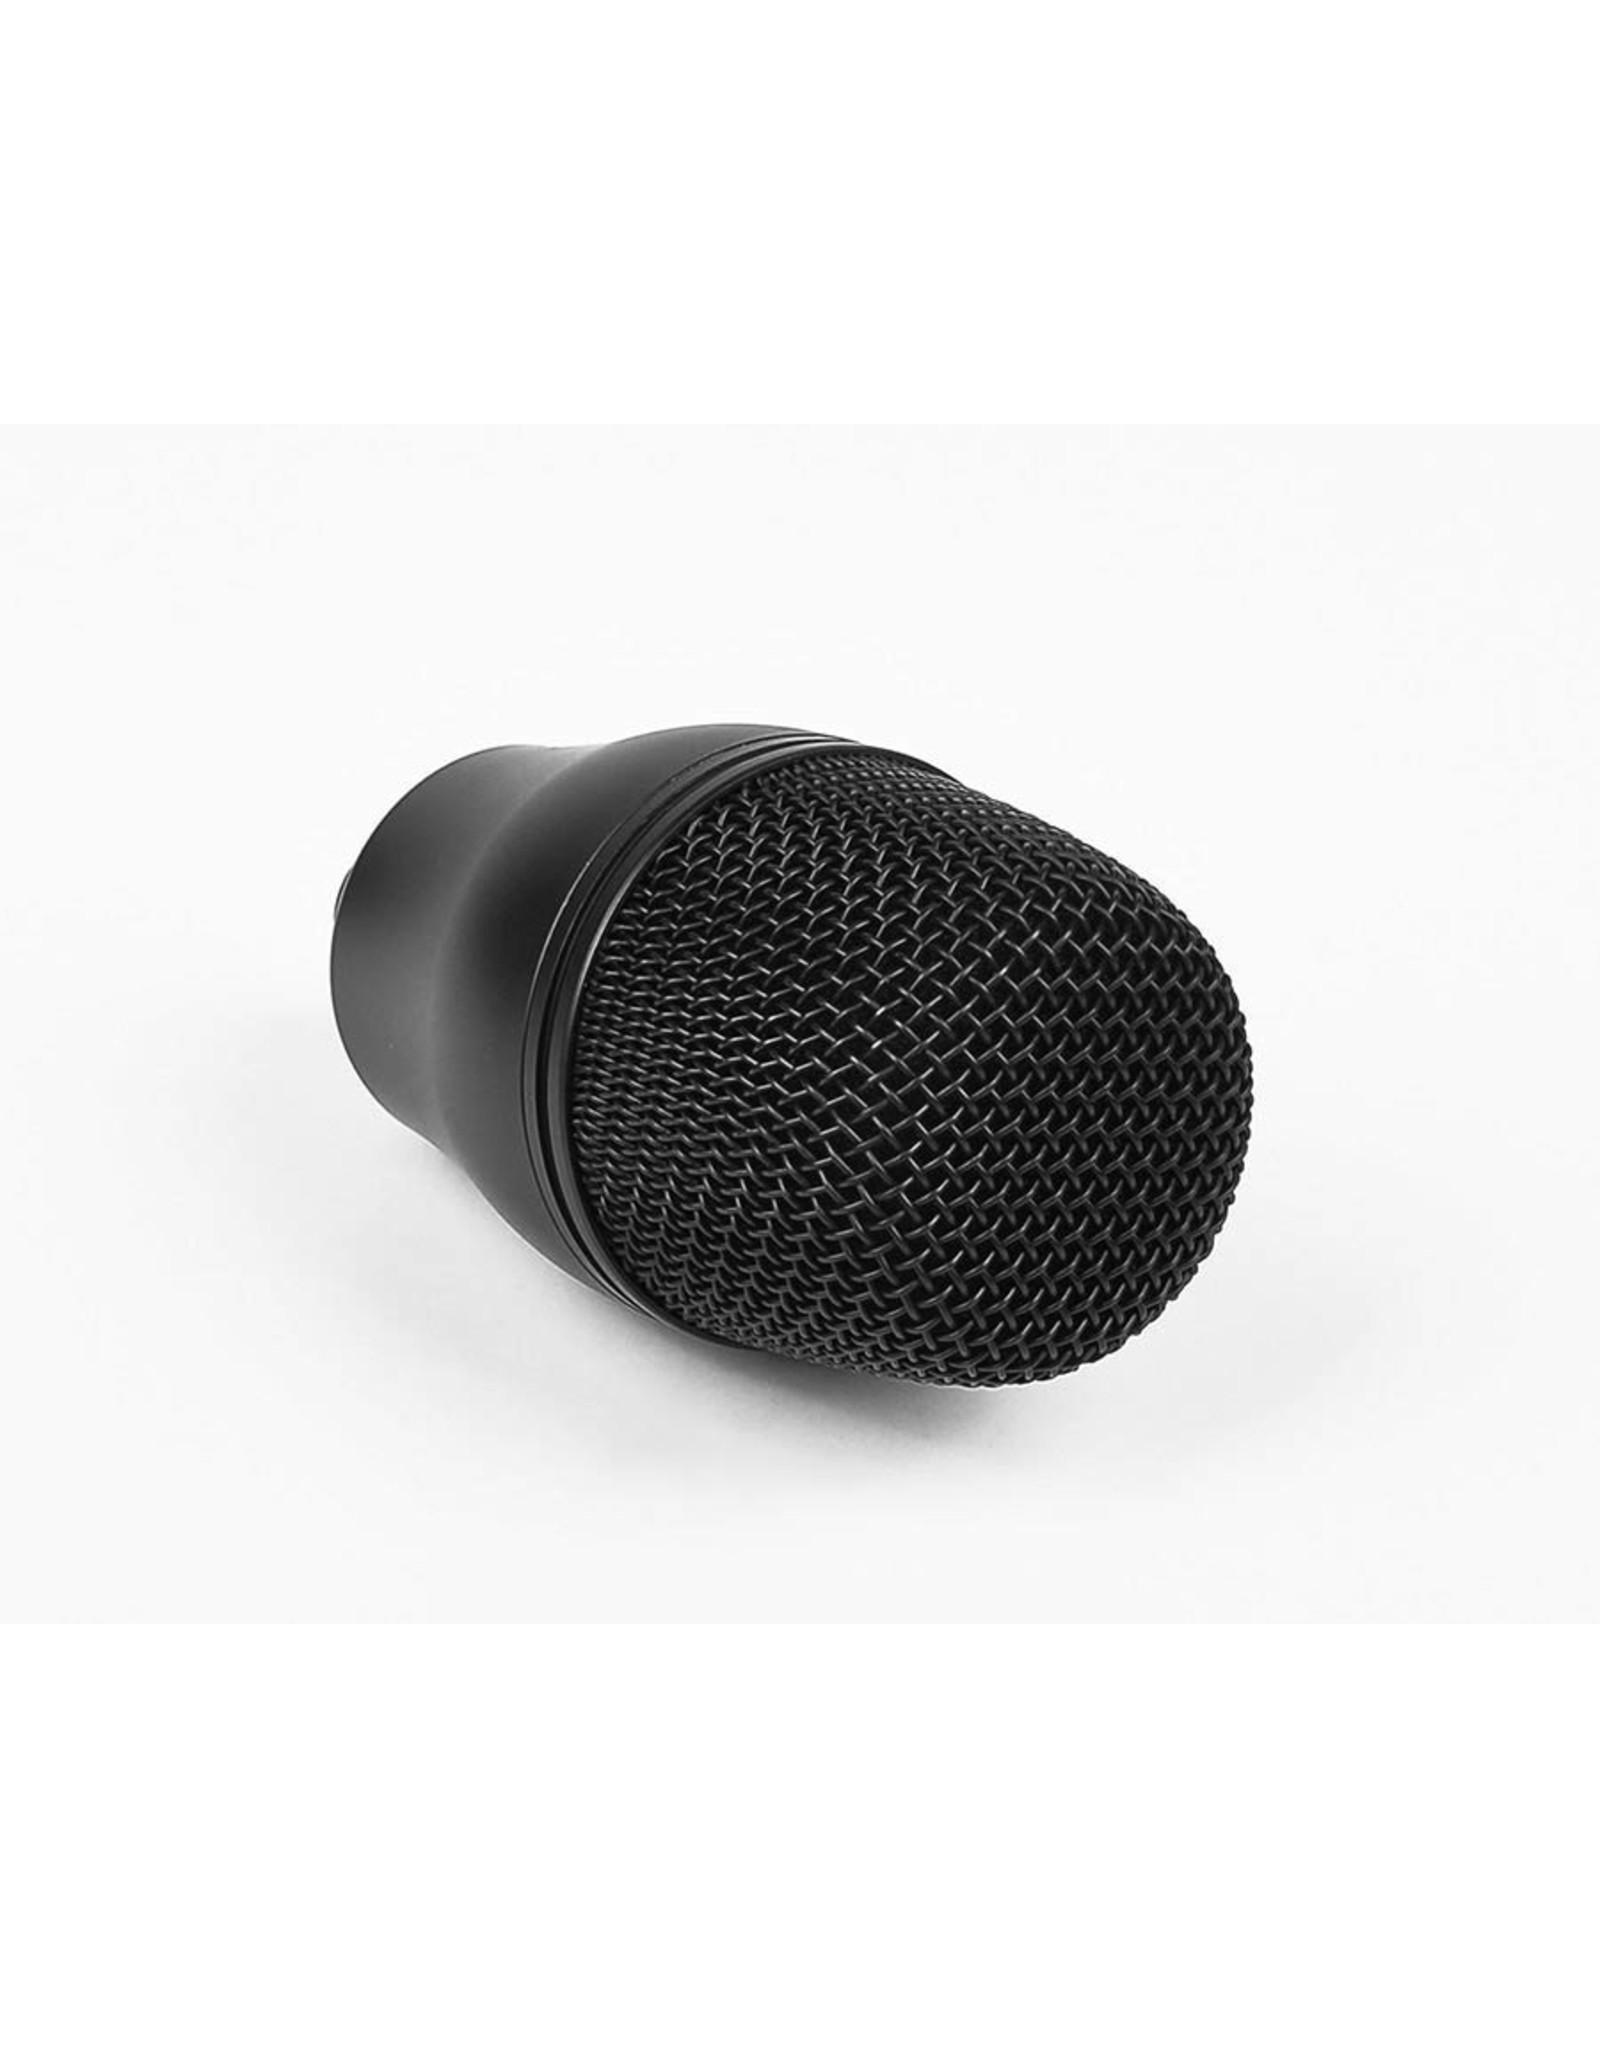 MKICK-7| Gatt Audio drummicrofoon voor bassdrum